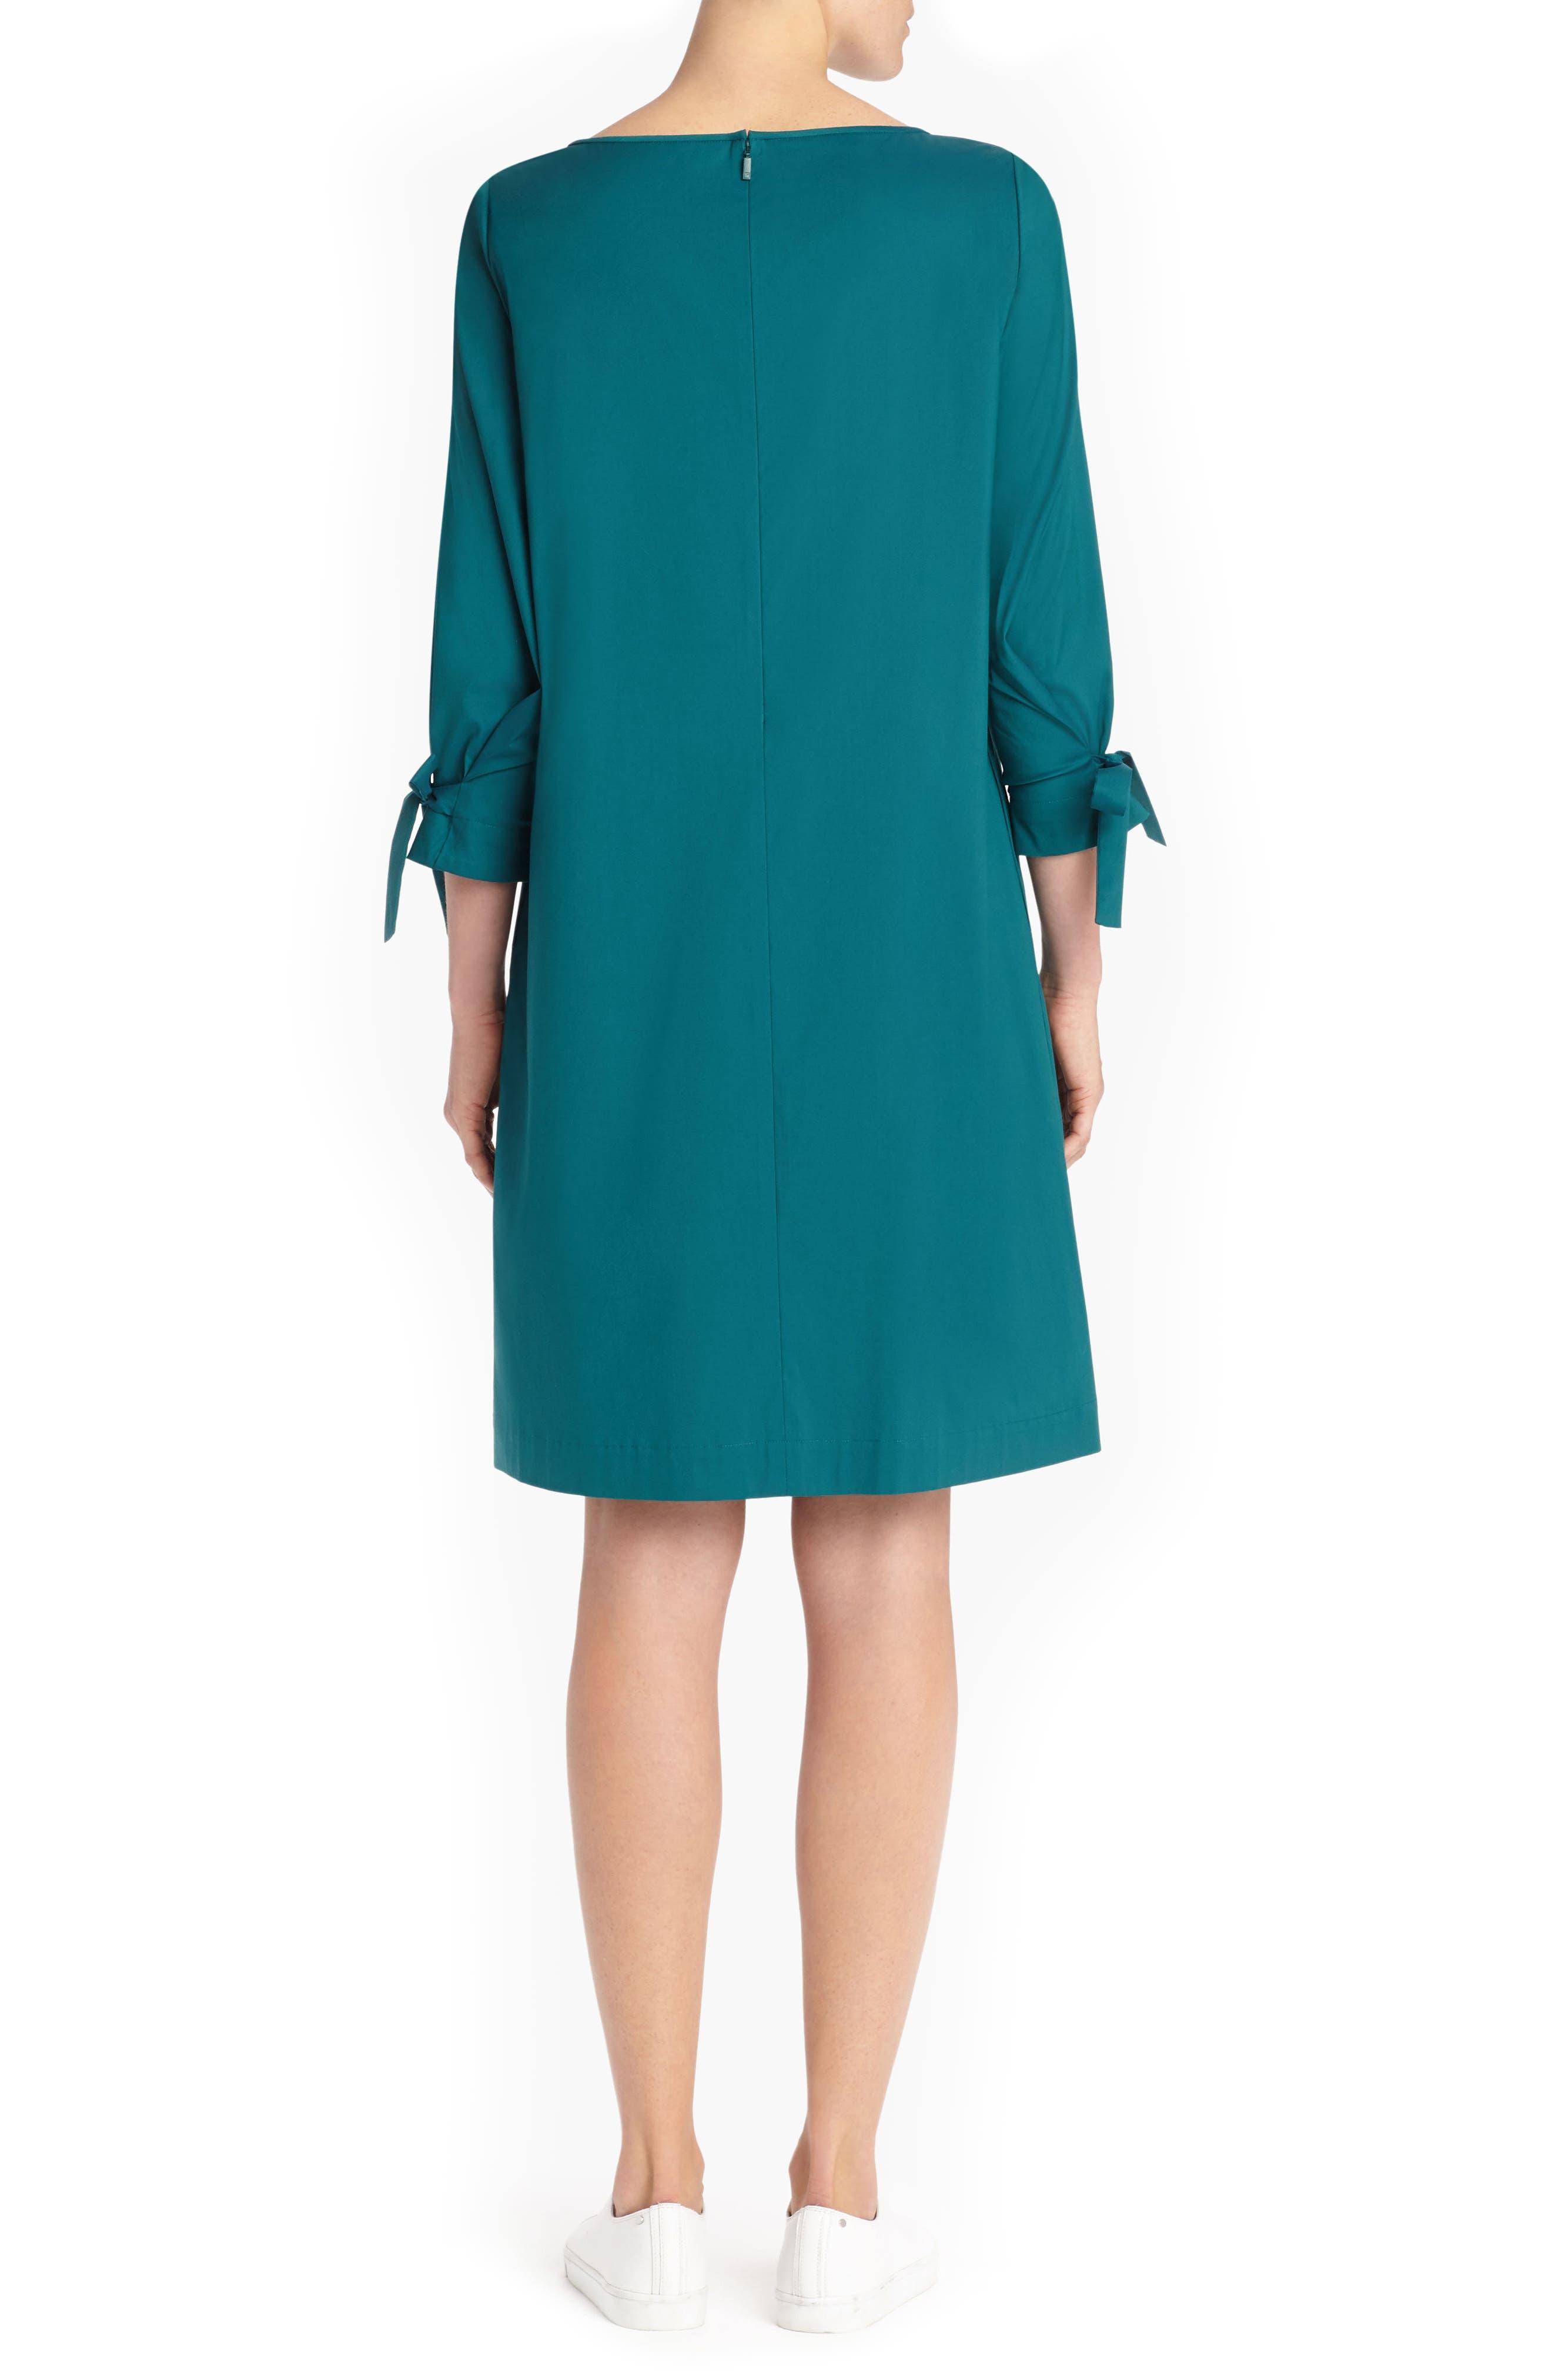 Paige Cotton Blend Dress,                             Alternate thumbnail 2, color,                             ATLANTIC TEAL